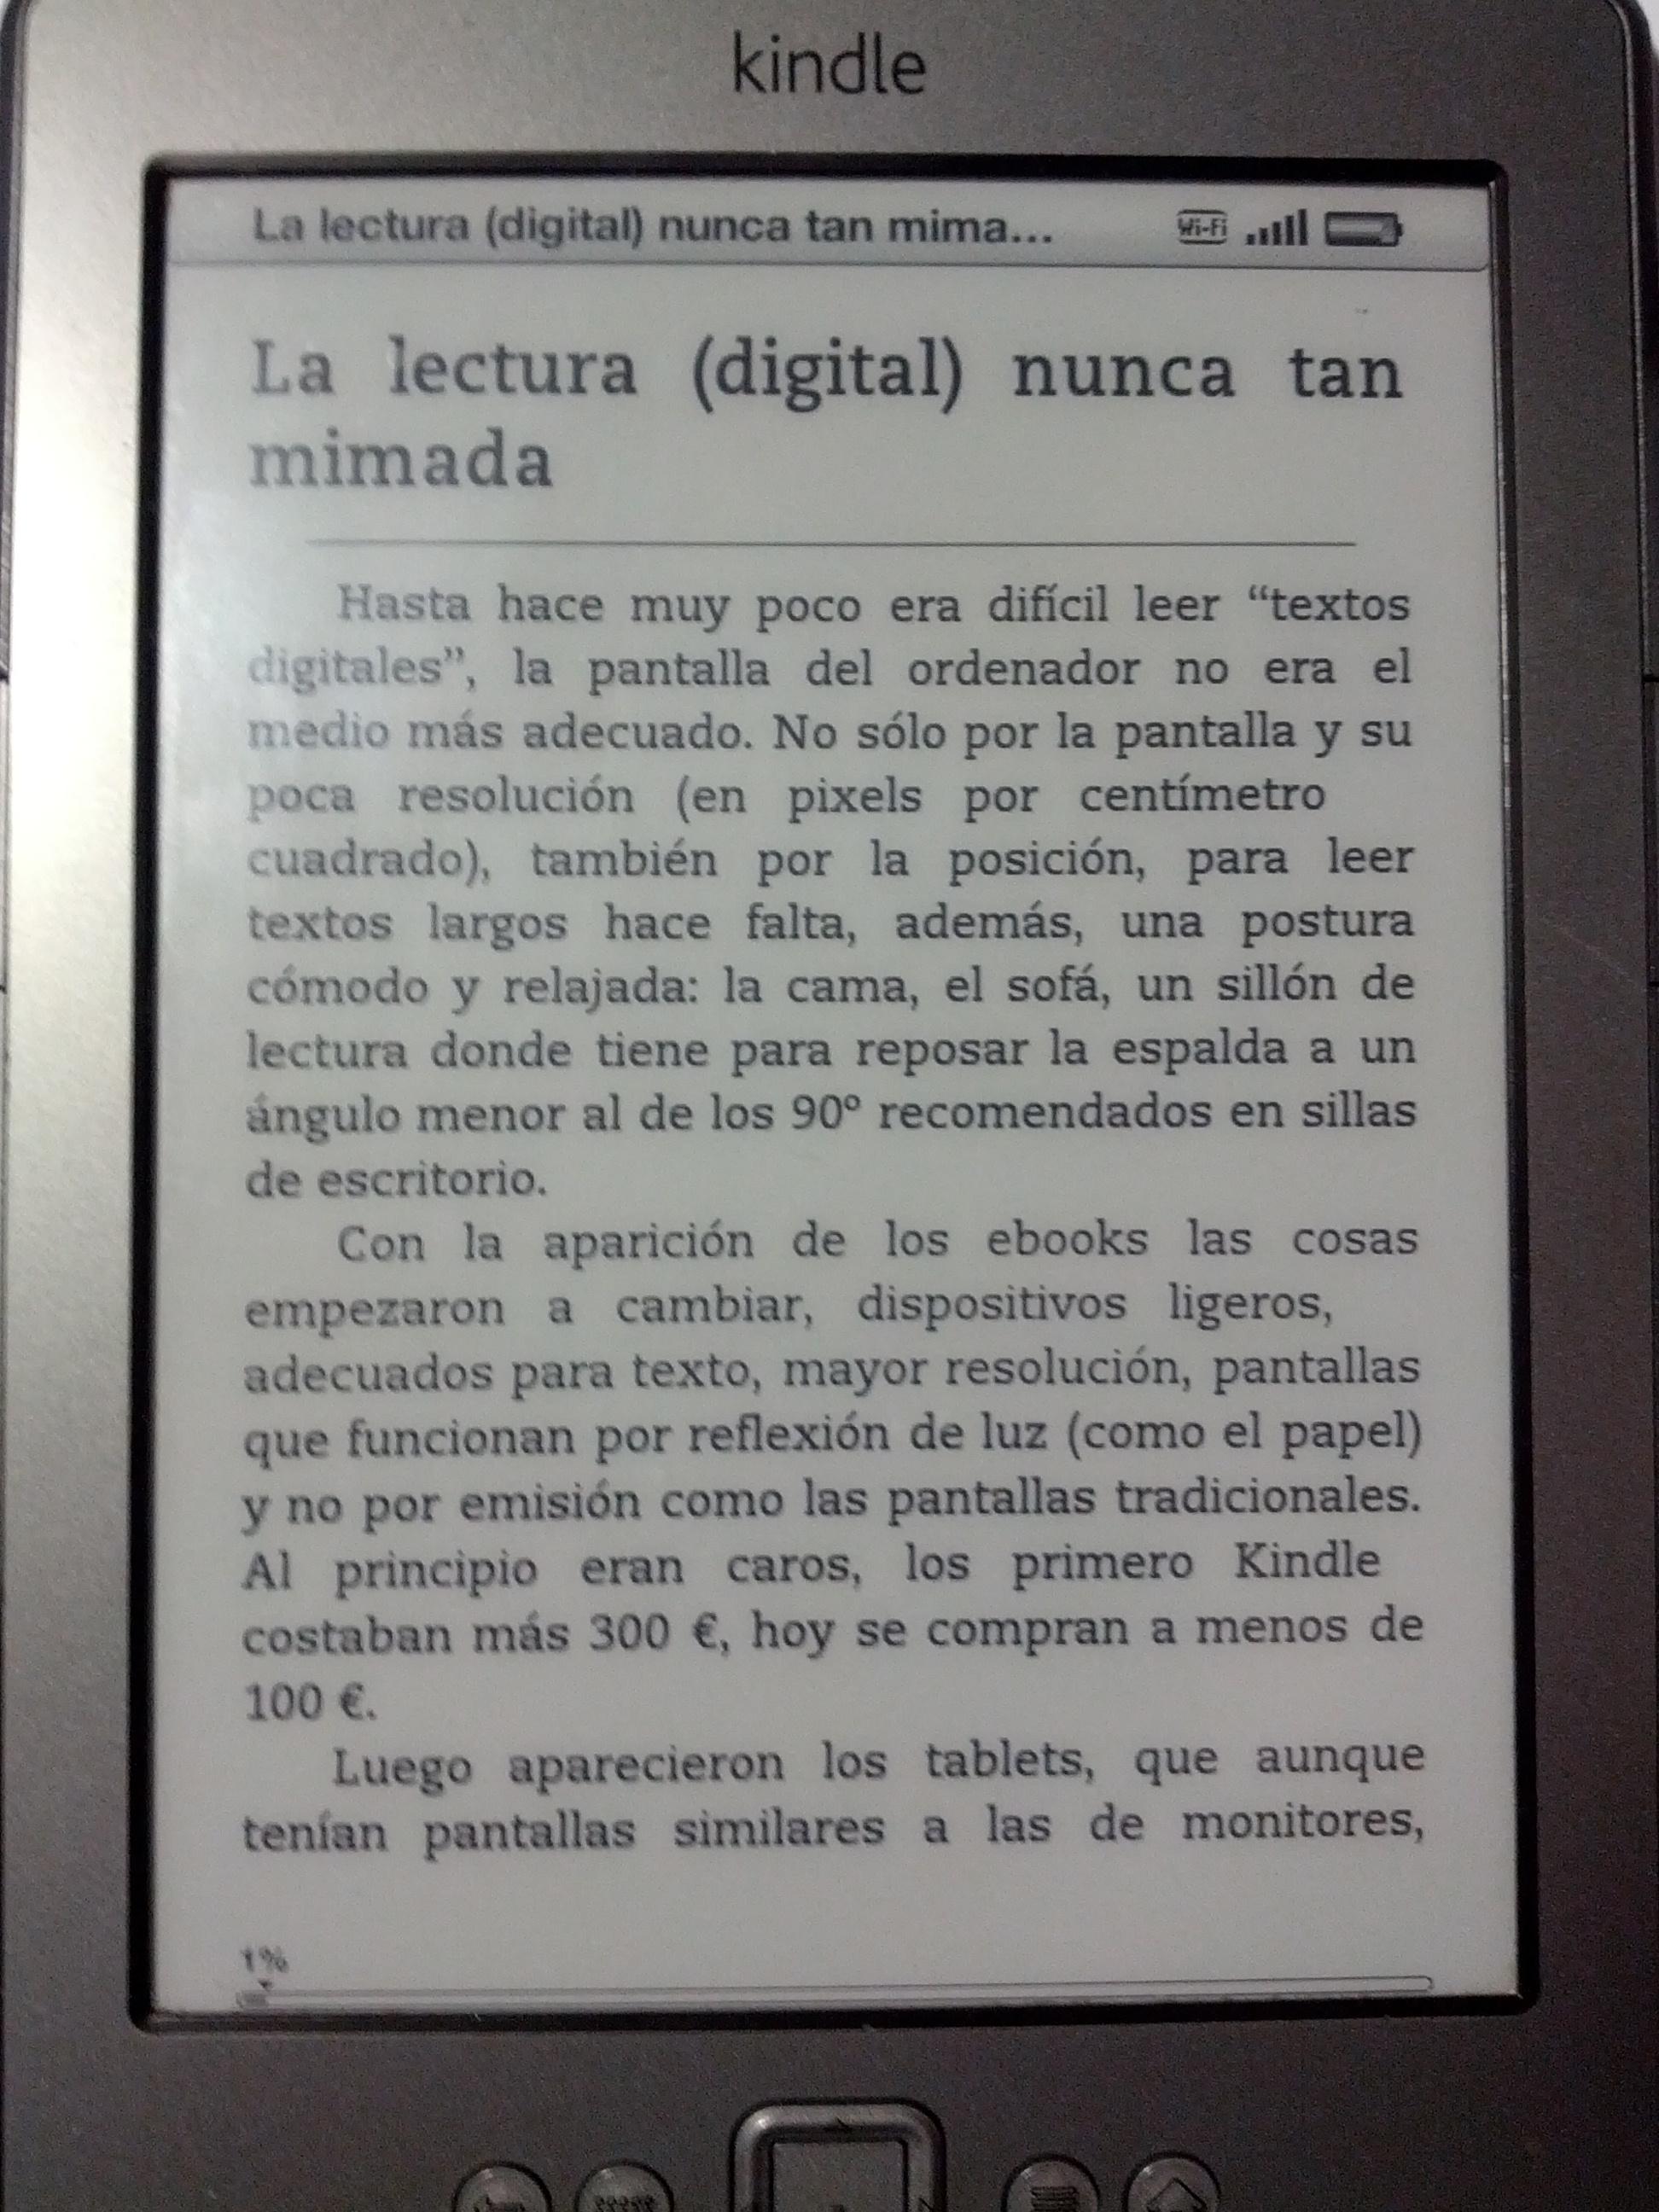 La lectura (digital) nunca tan mimada | Ricardo Galli, de